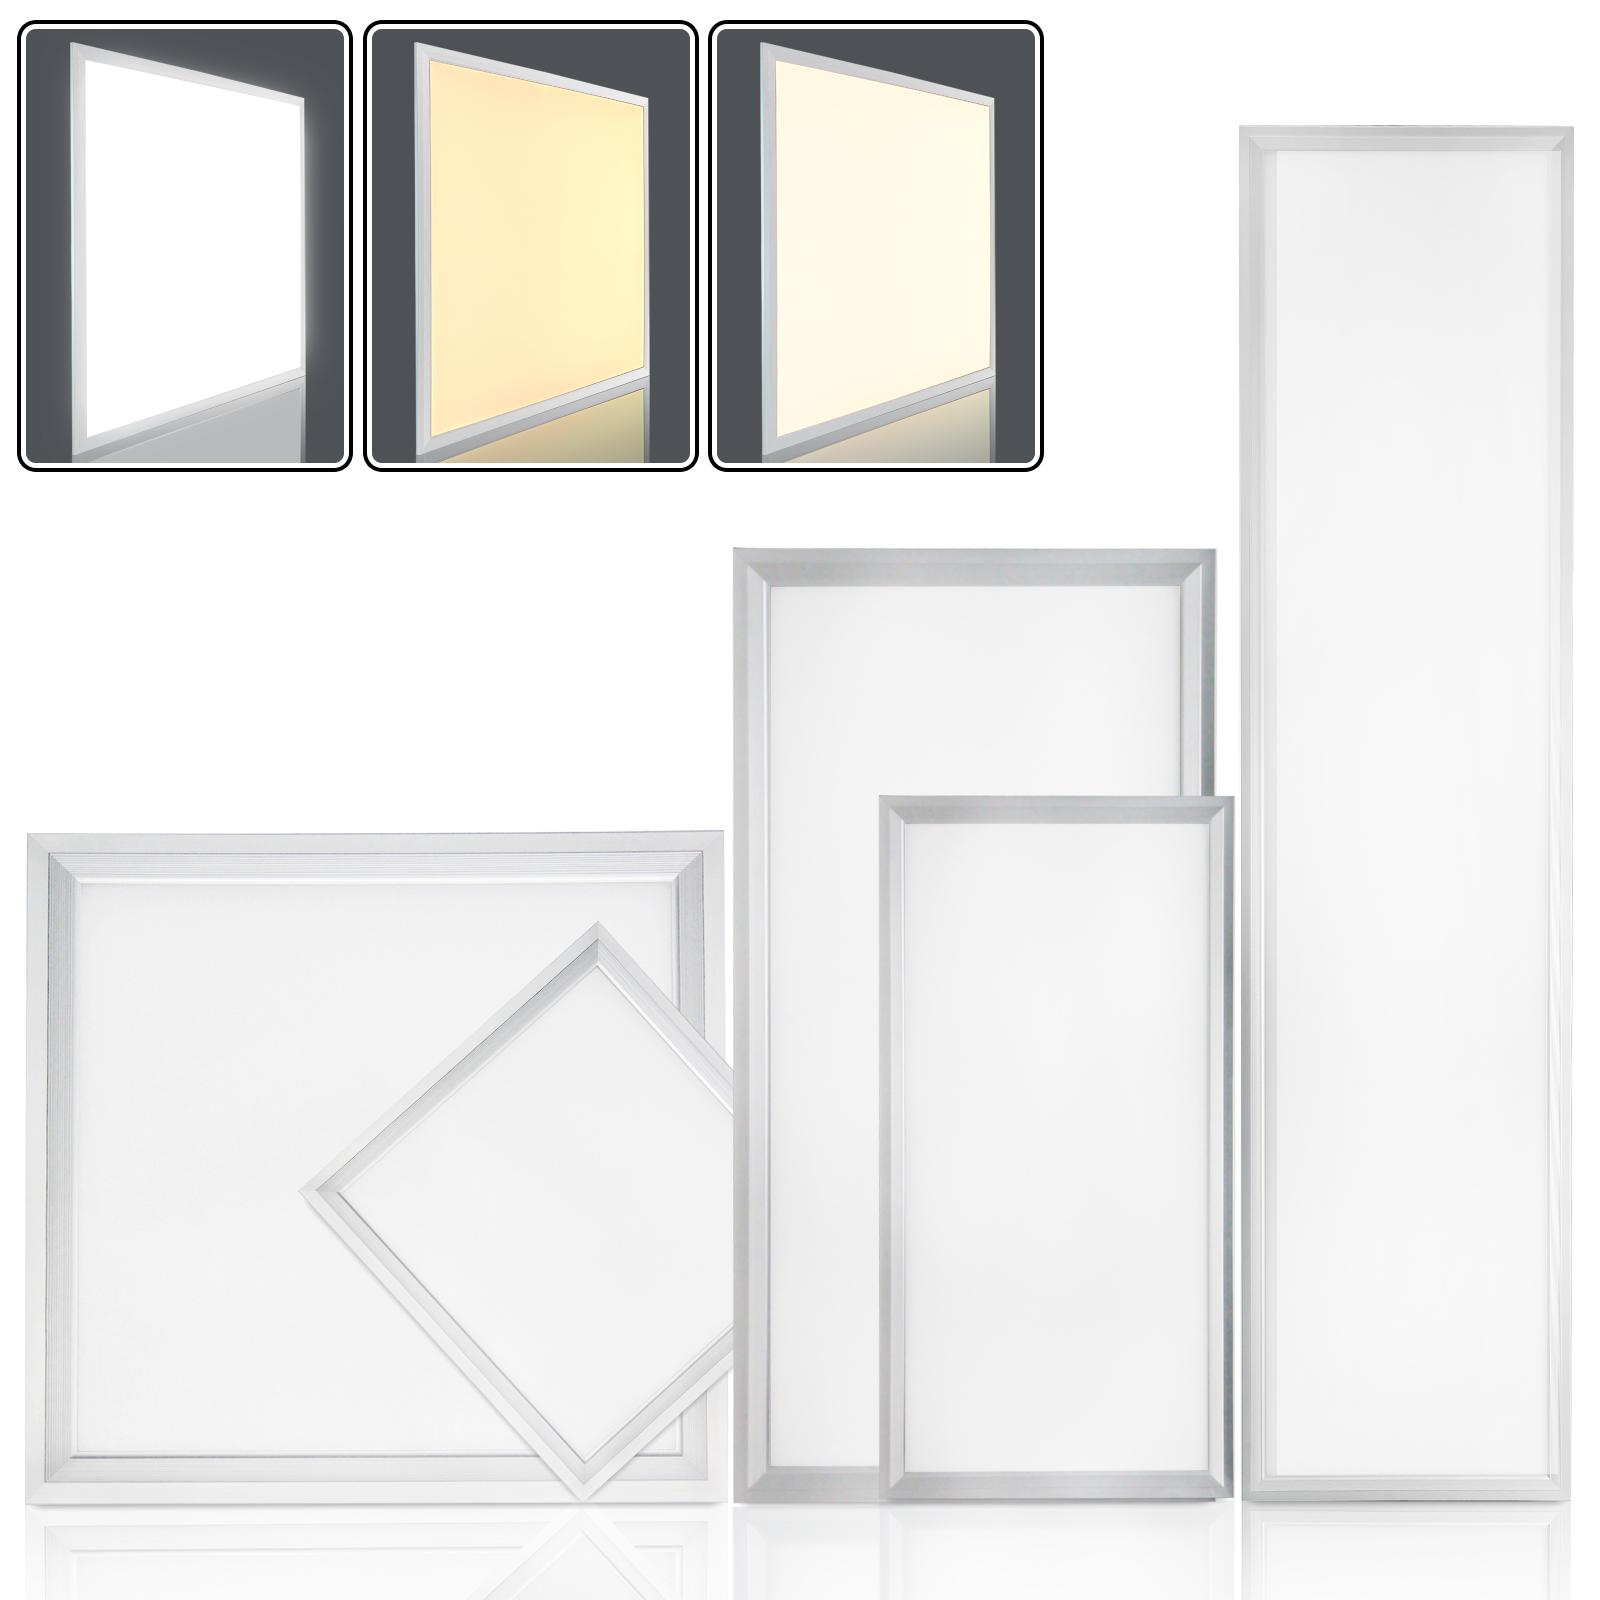 led panel ultraslim deckenleuchte deckenlampe wandleuchte flach leuchte k che ebay. Black Bedroom Furniture Sets. Home Design Ideas